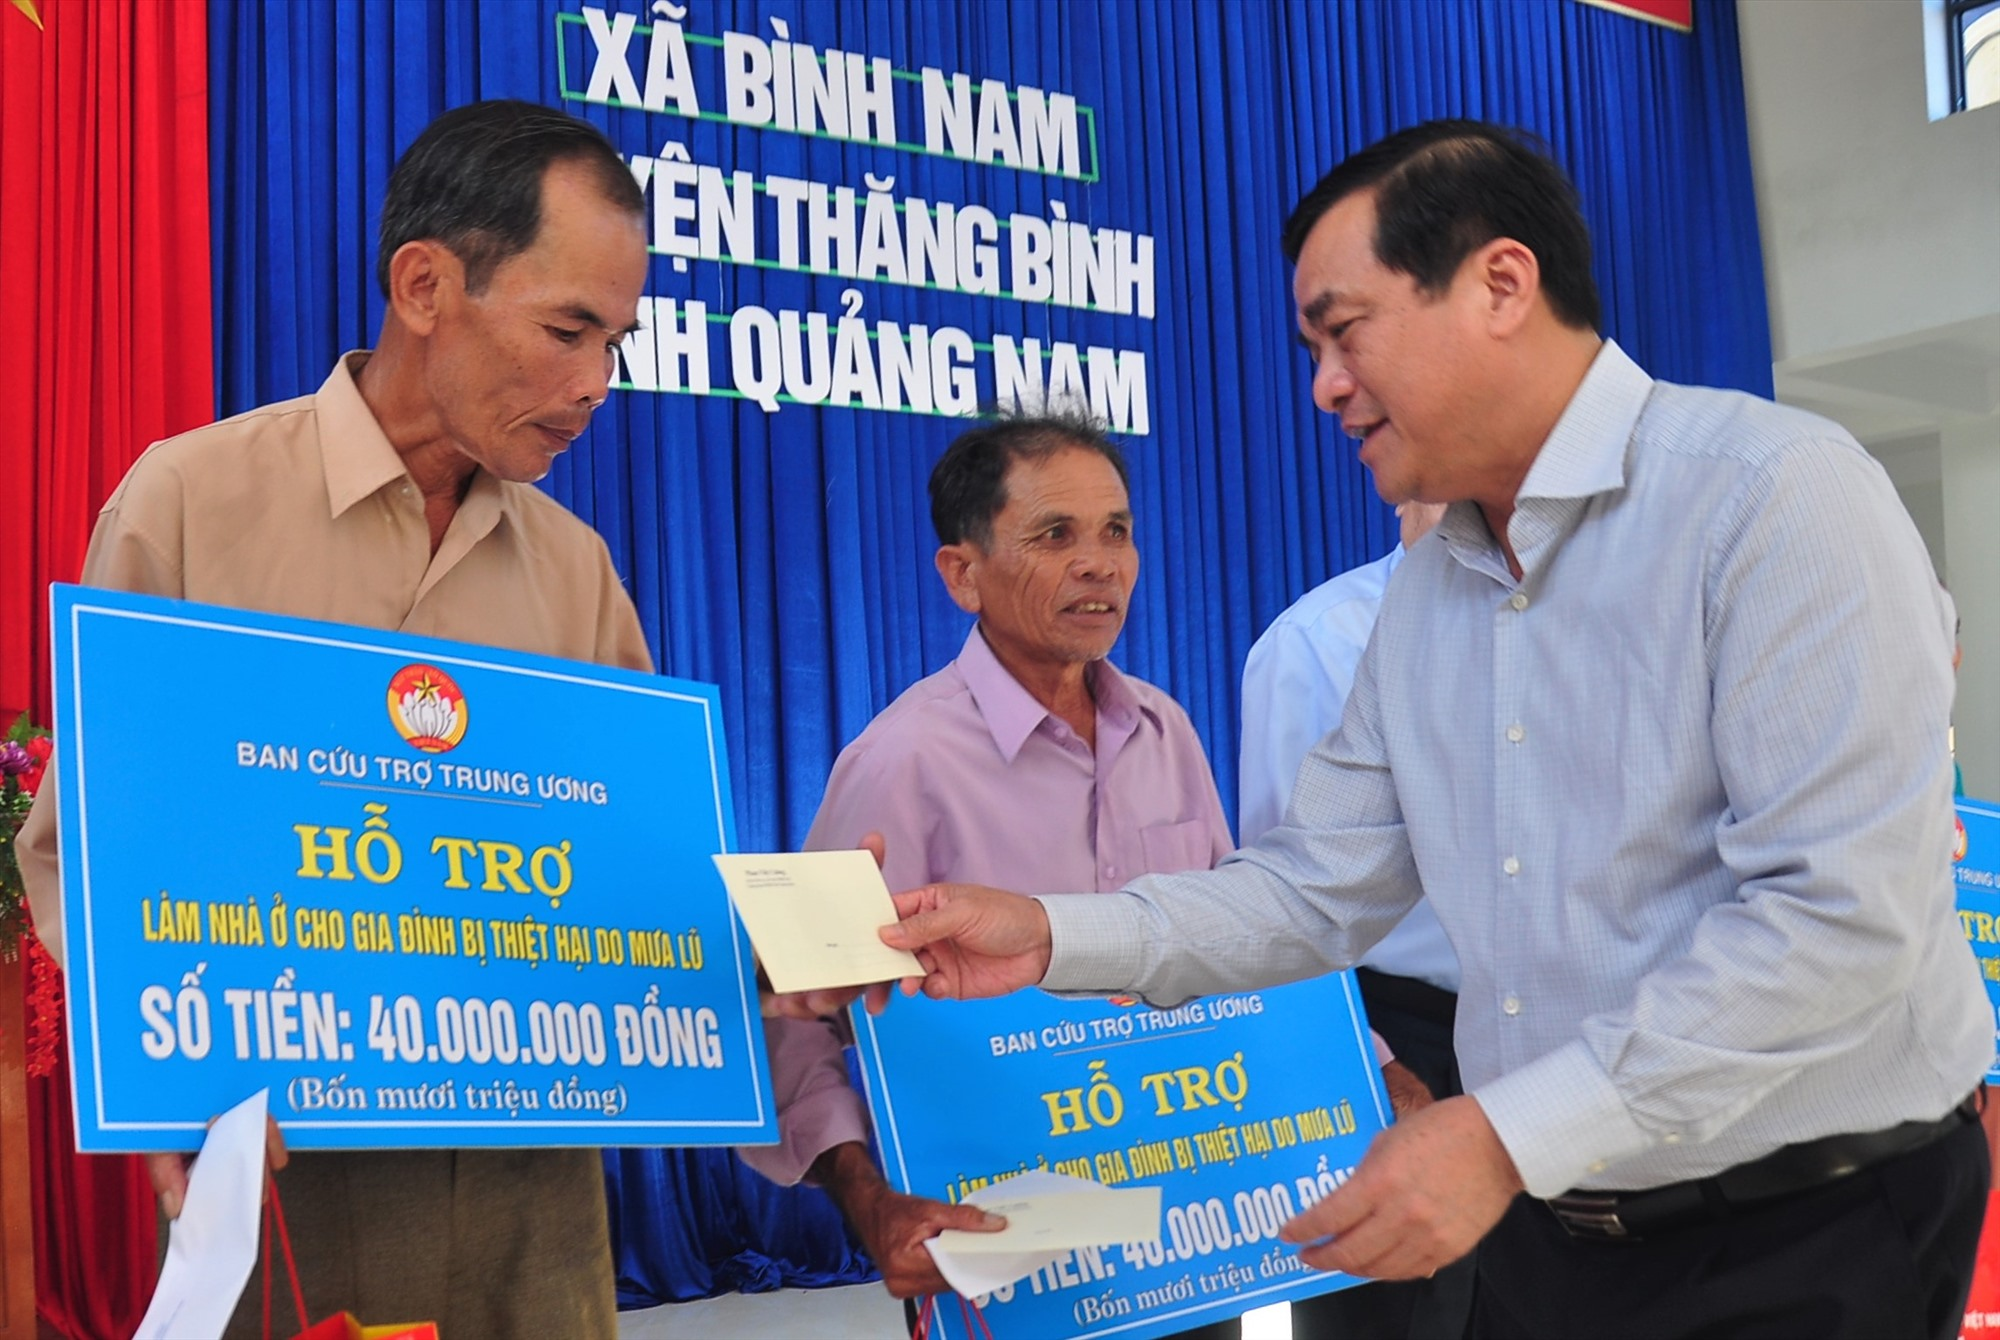 Dịp này, Bí thư Tỉnh ủy Phan Việt Cường cũng có quà động viên các gia đình bị thiệt hại do bão lũ. Ảnh: VINH ANH